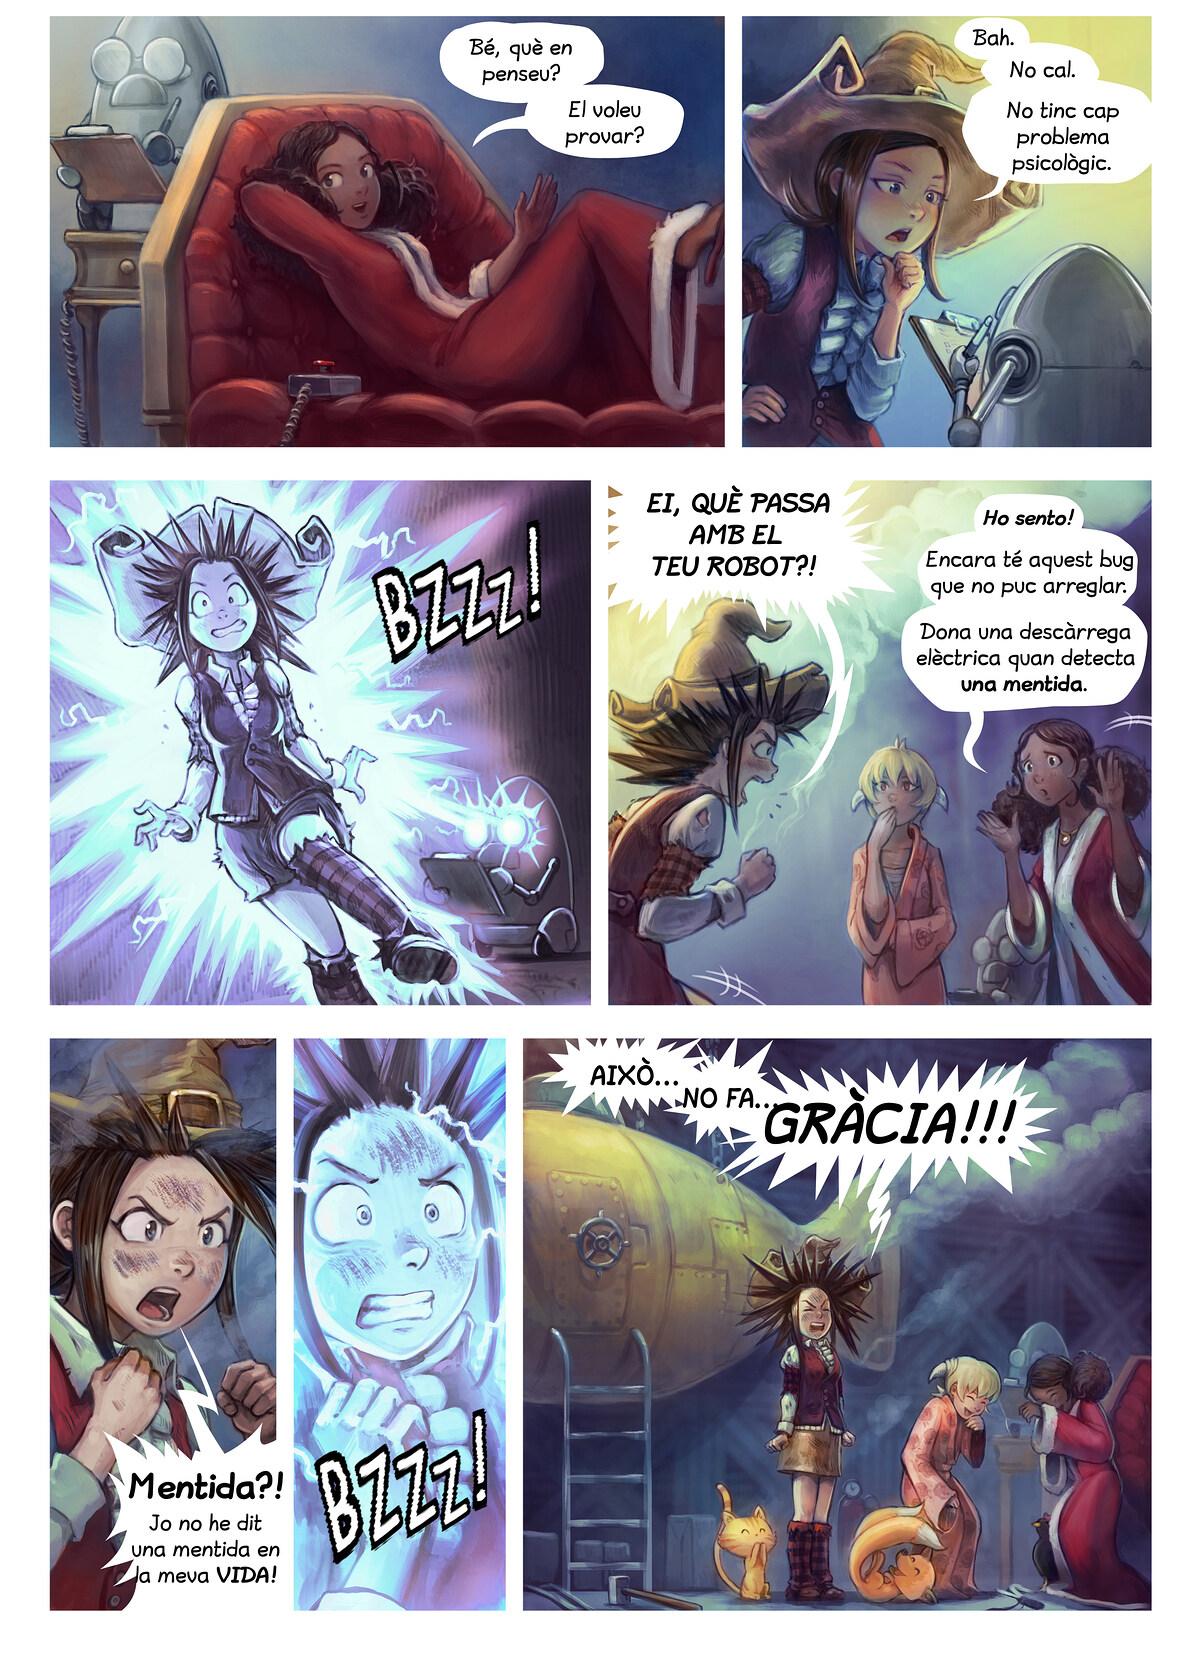 A webcomic page of Pepper&Carrot, episodi 27 [ca], pàgina 4